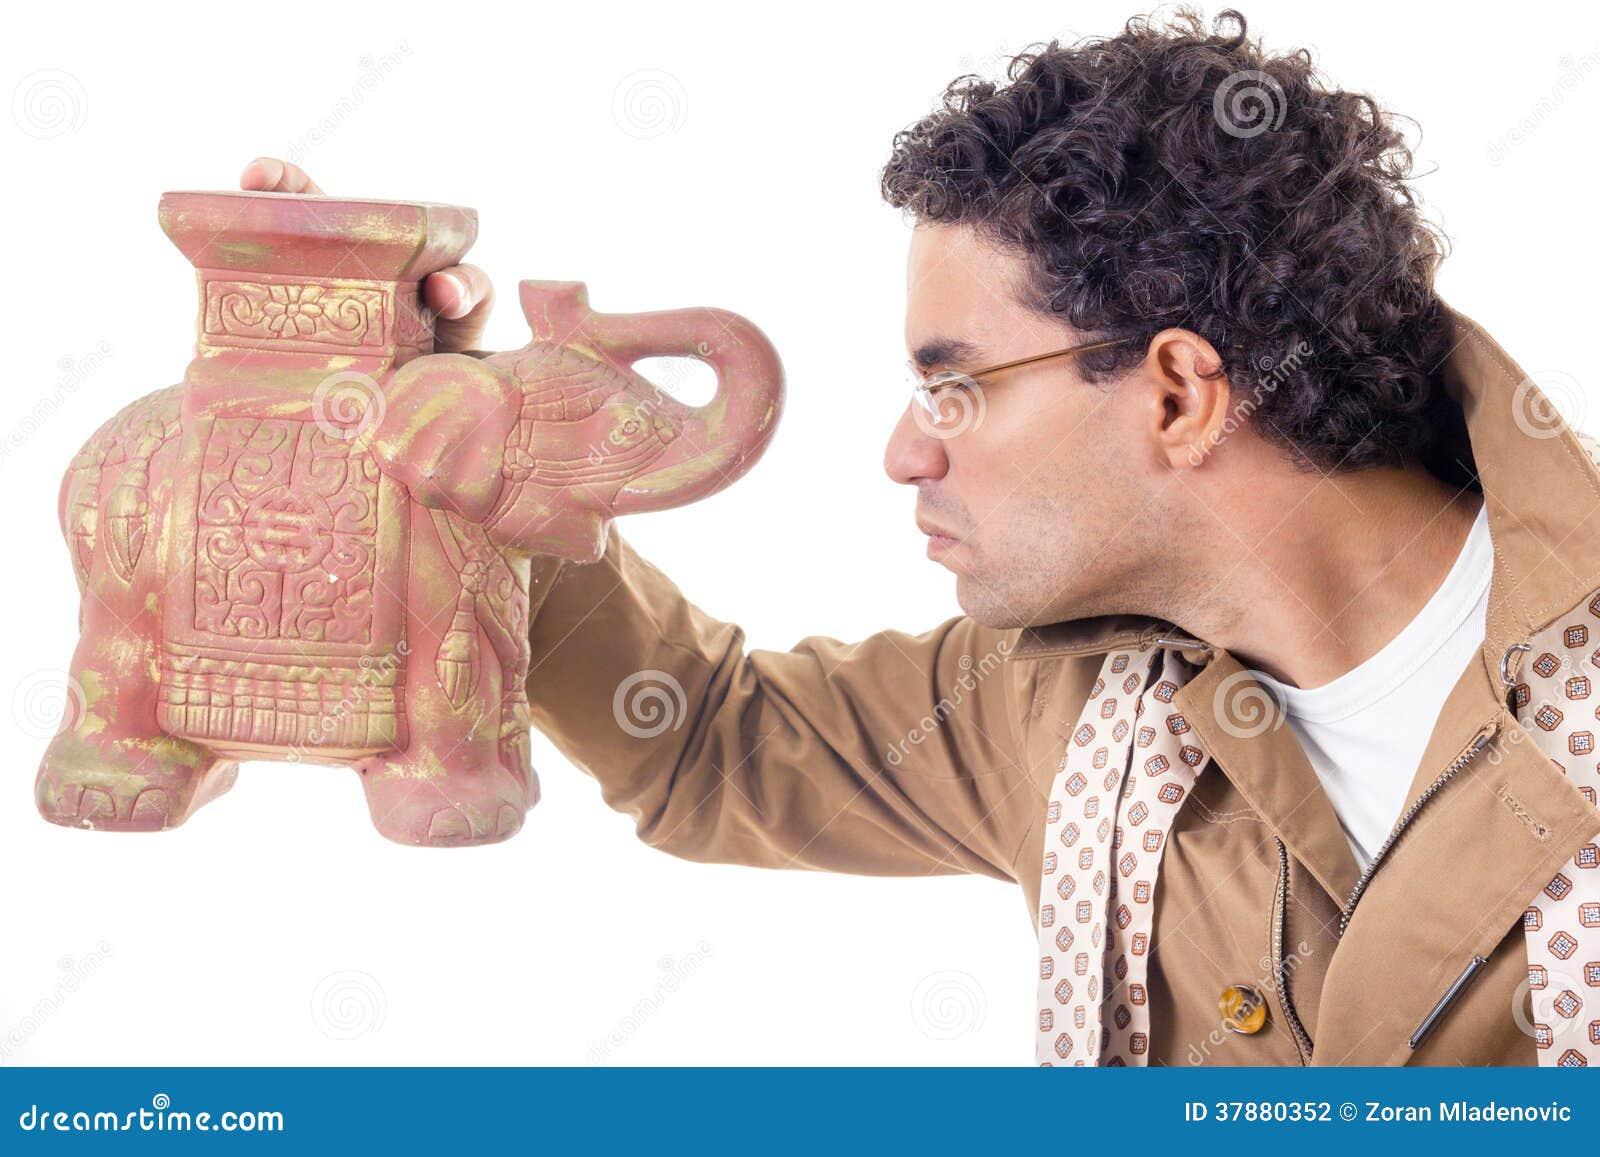 Sombere professor die in laag met glazen oud artefact kijken